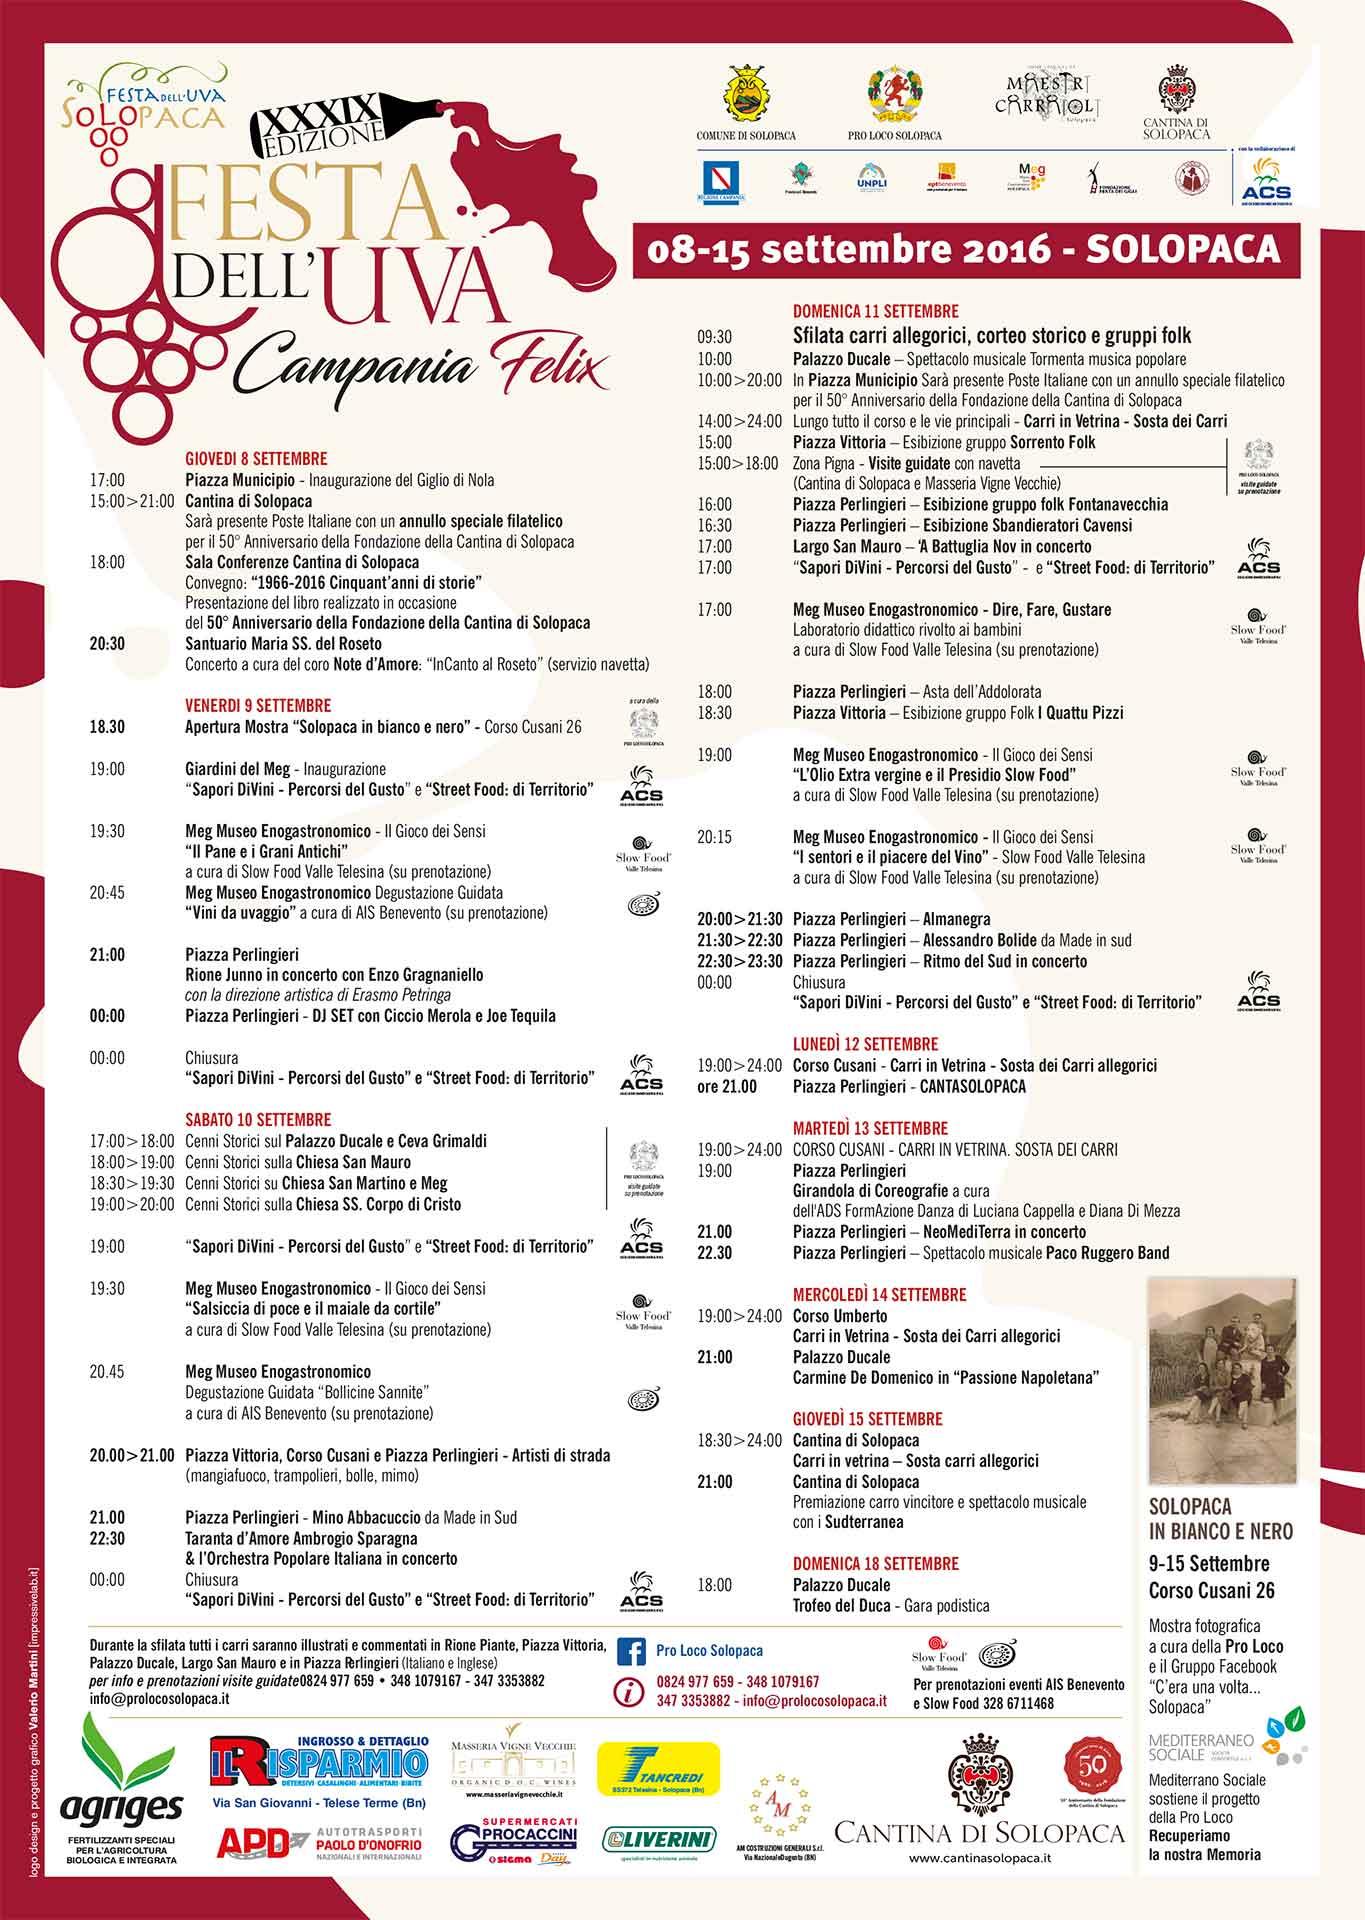 Programma Festa dell'Uva 2016